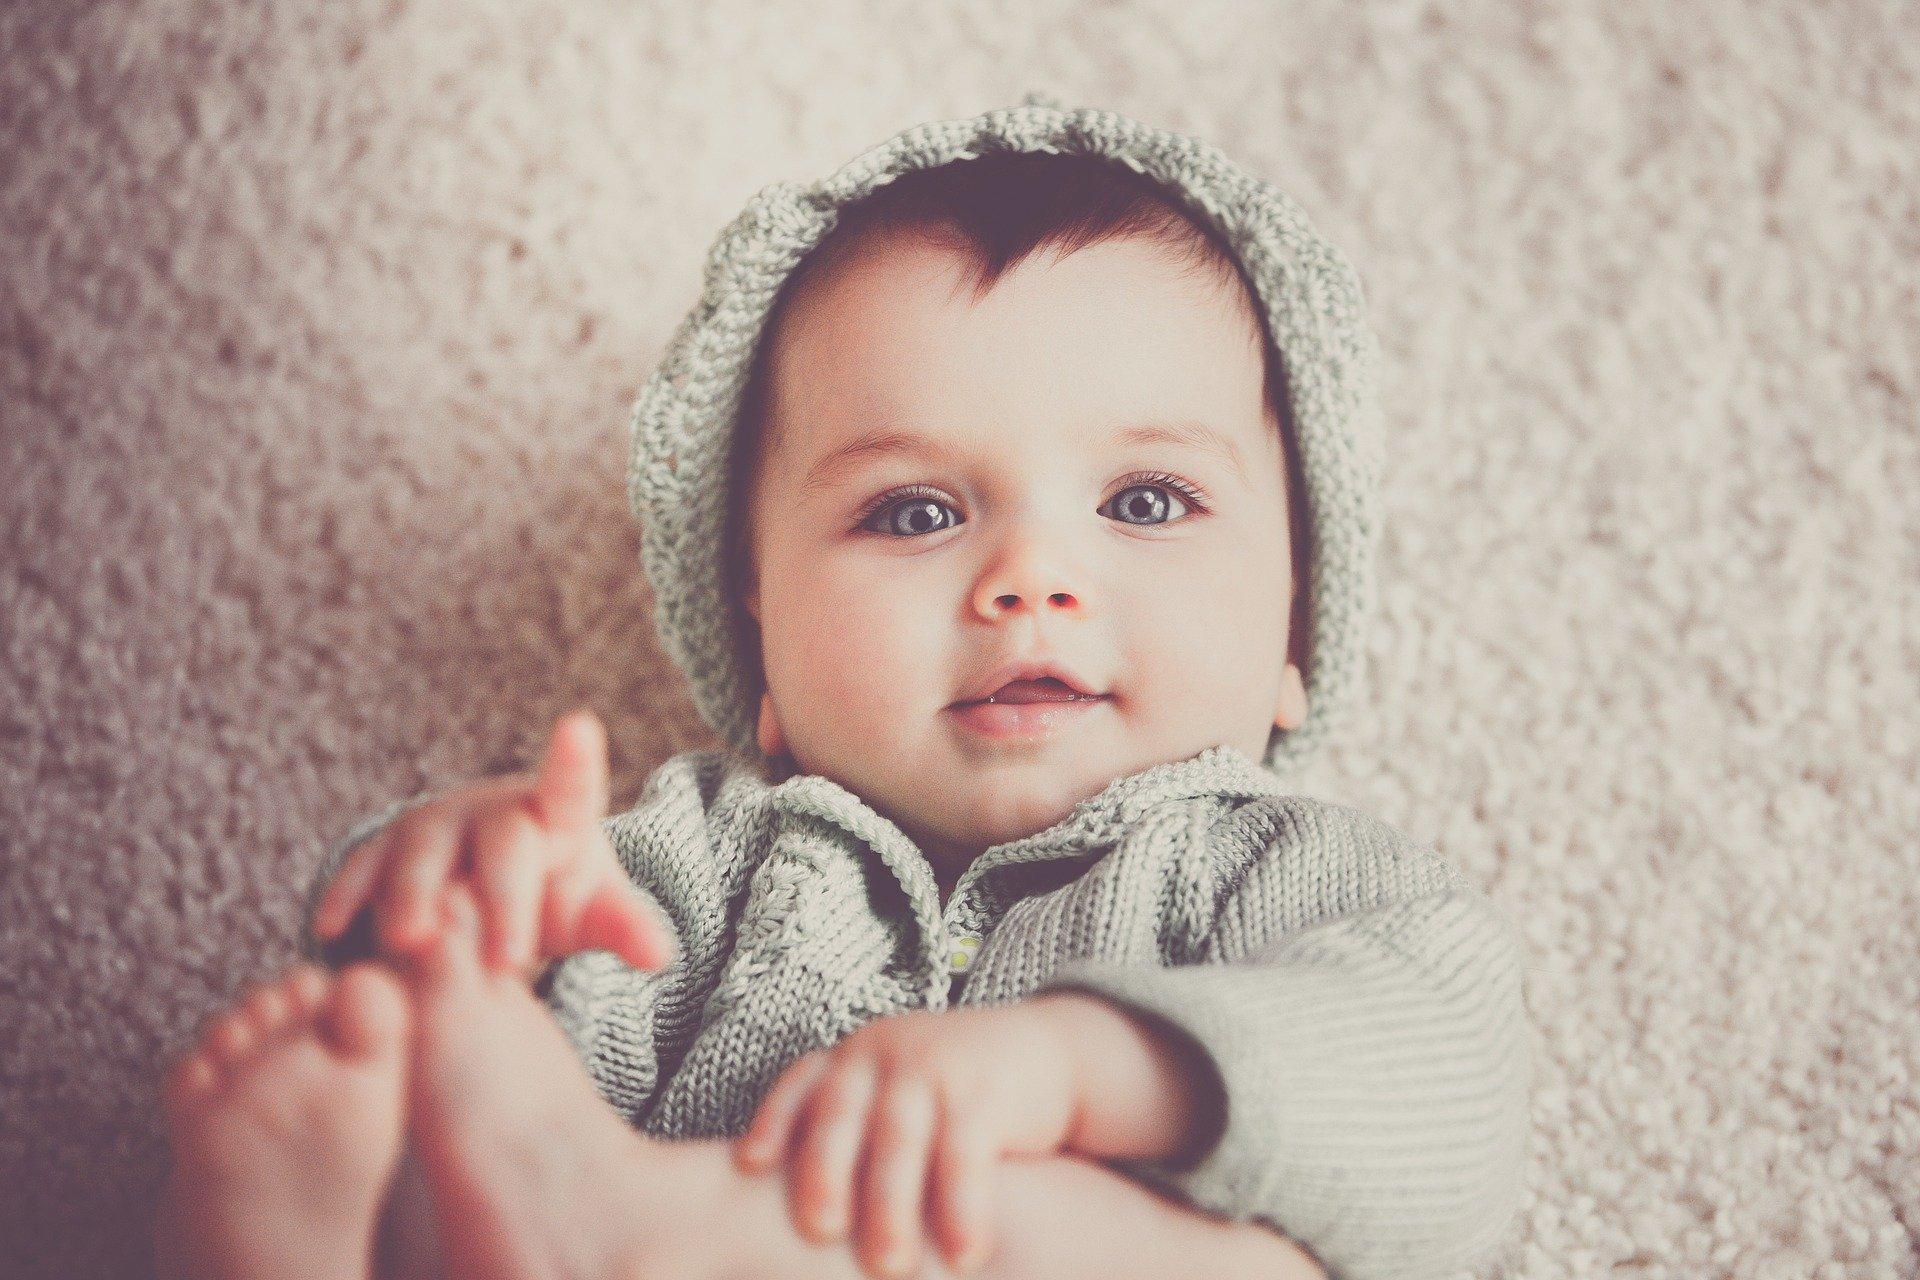 Co zrobić po urodzeniu dziecka? Gdzie zgłosić narodziny dziecka? Kogo o tym poinformować?